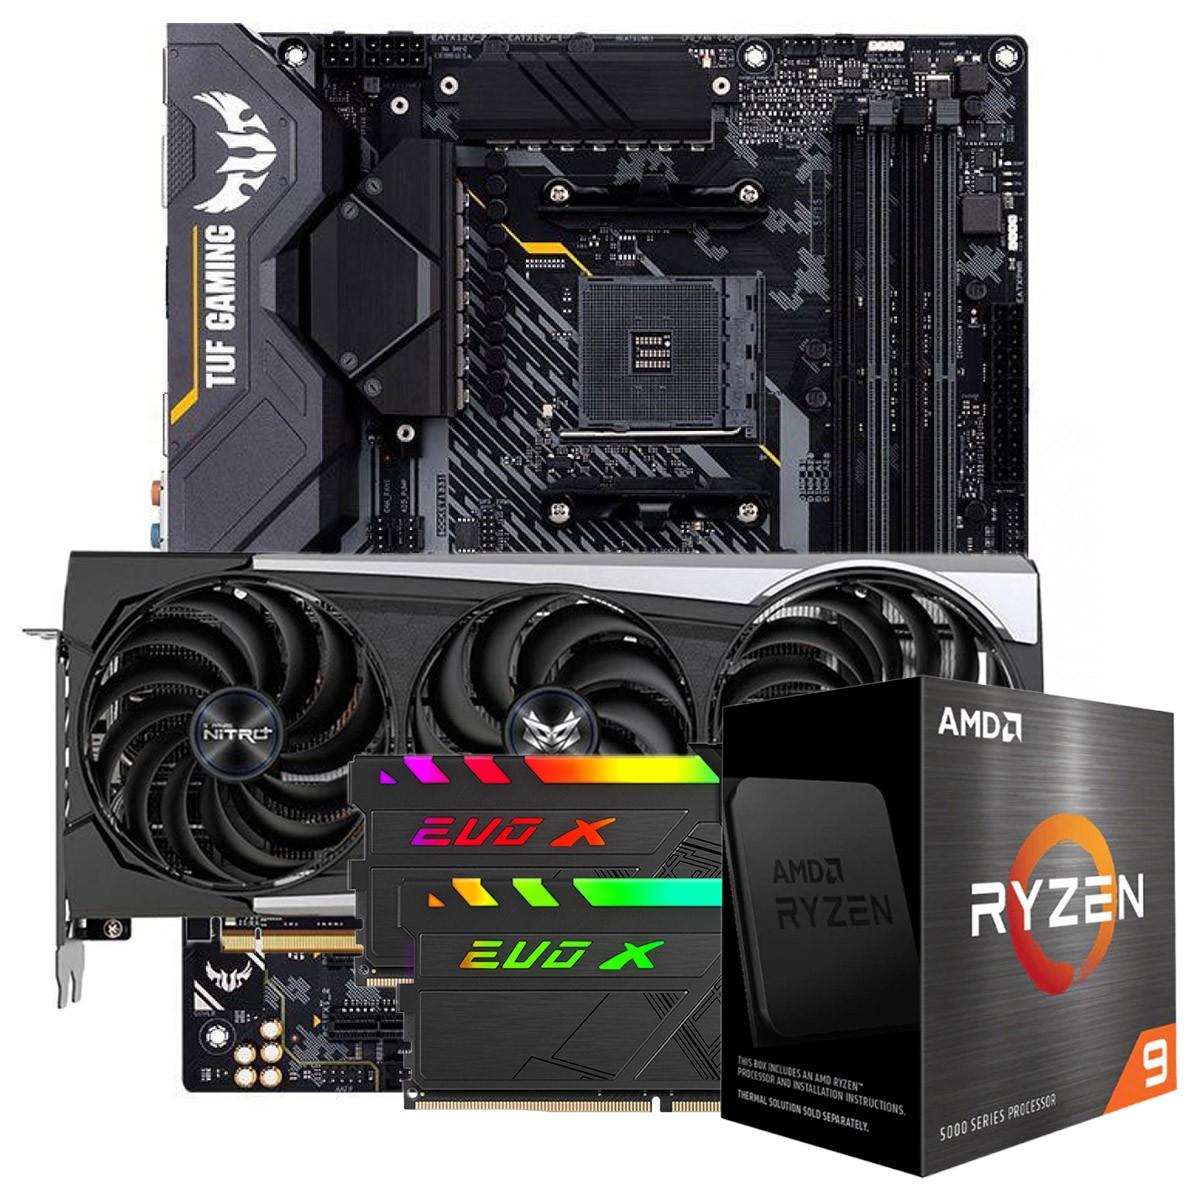 Kit Upgrade Sapphire Radeon RX 6700 XT + AMD Ryzen 9 5900X + ASUS TUF Gaming X570-Plus + Memória DDR4 16GB (2x8GB) 3600MHz